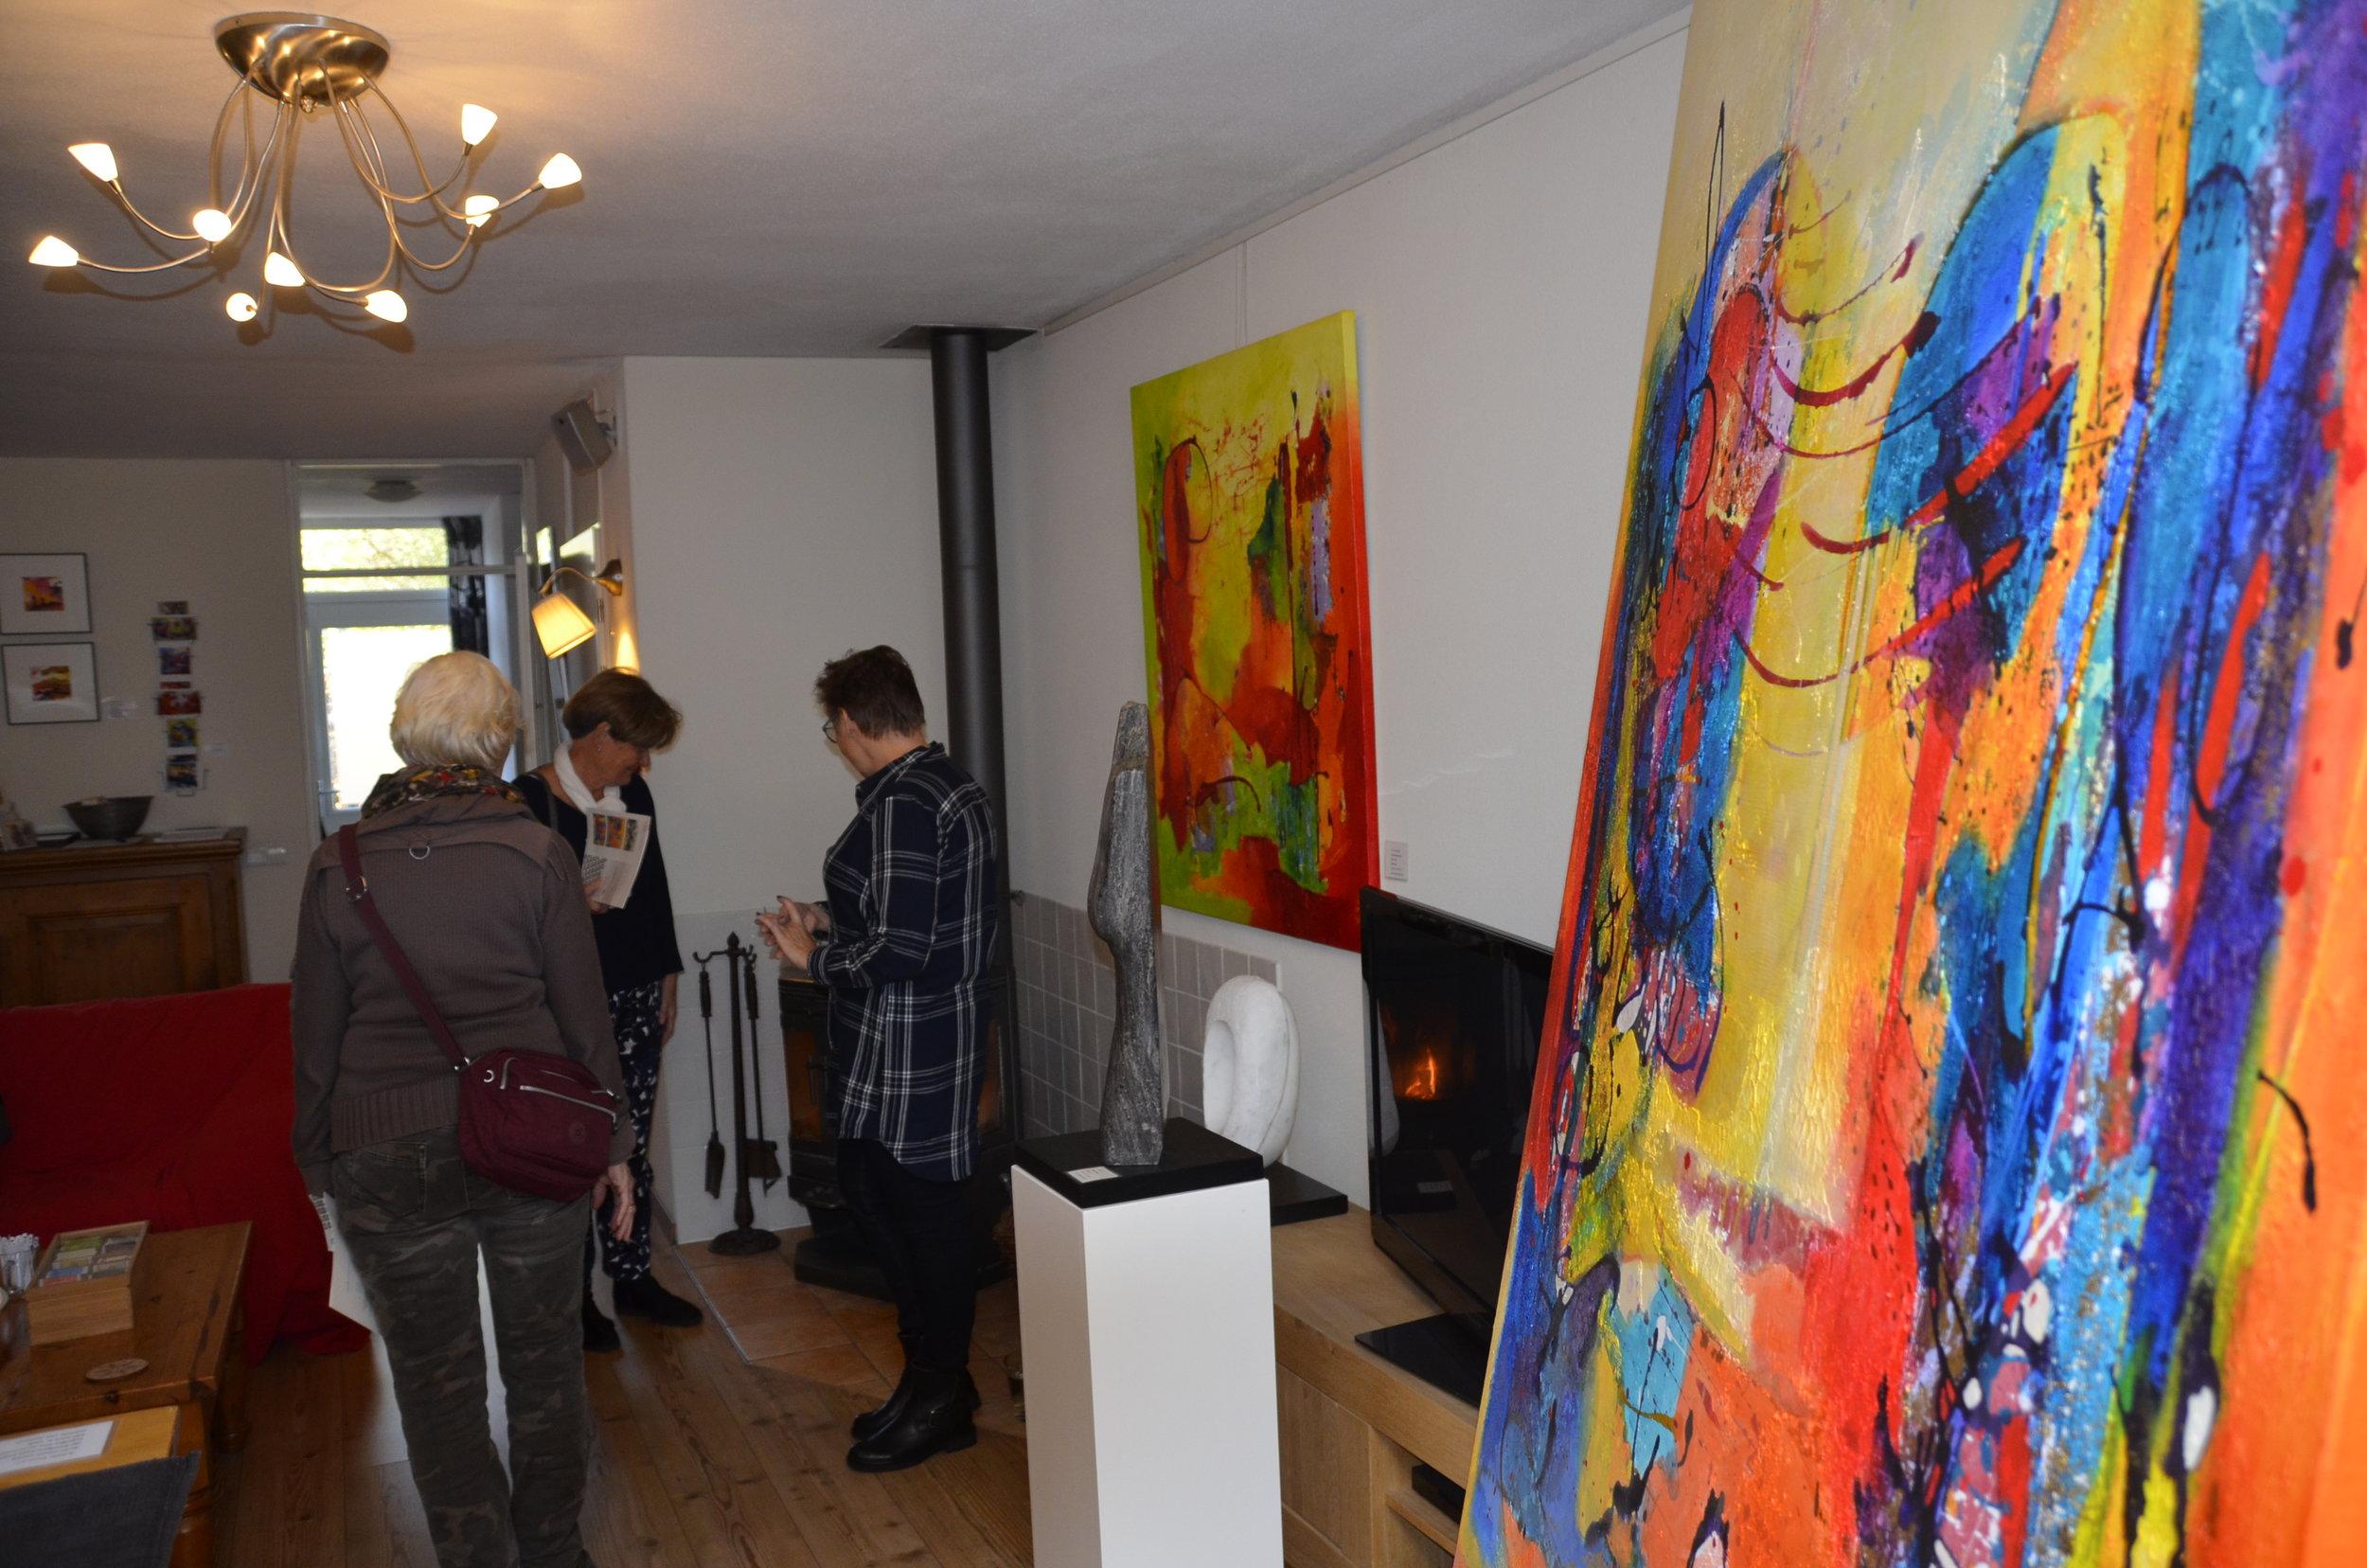 Gehele huis omgebouwd tot Galerie/Atelier beneden verdieping mijn eigen werk, boven verdieping expo deelnemers atelier en demonstraties papier scheppen en schilderen.